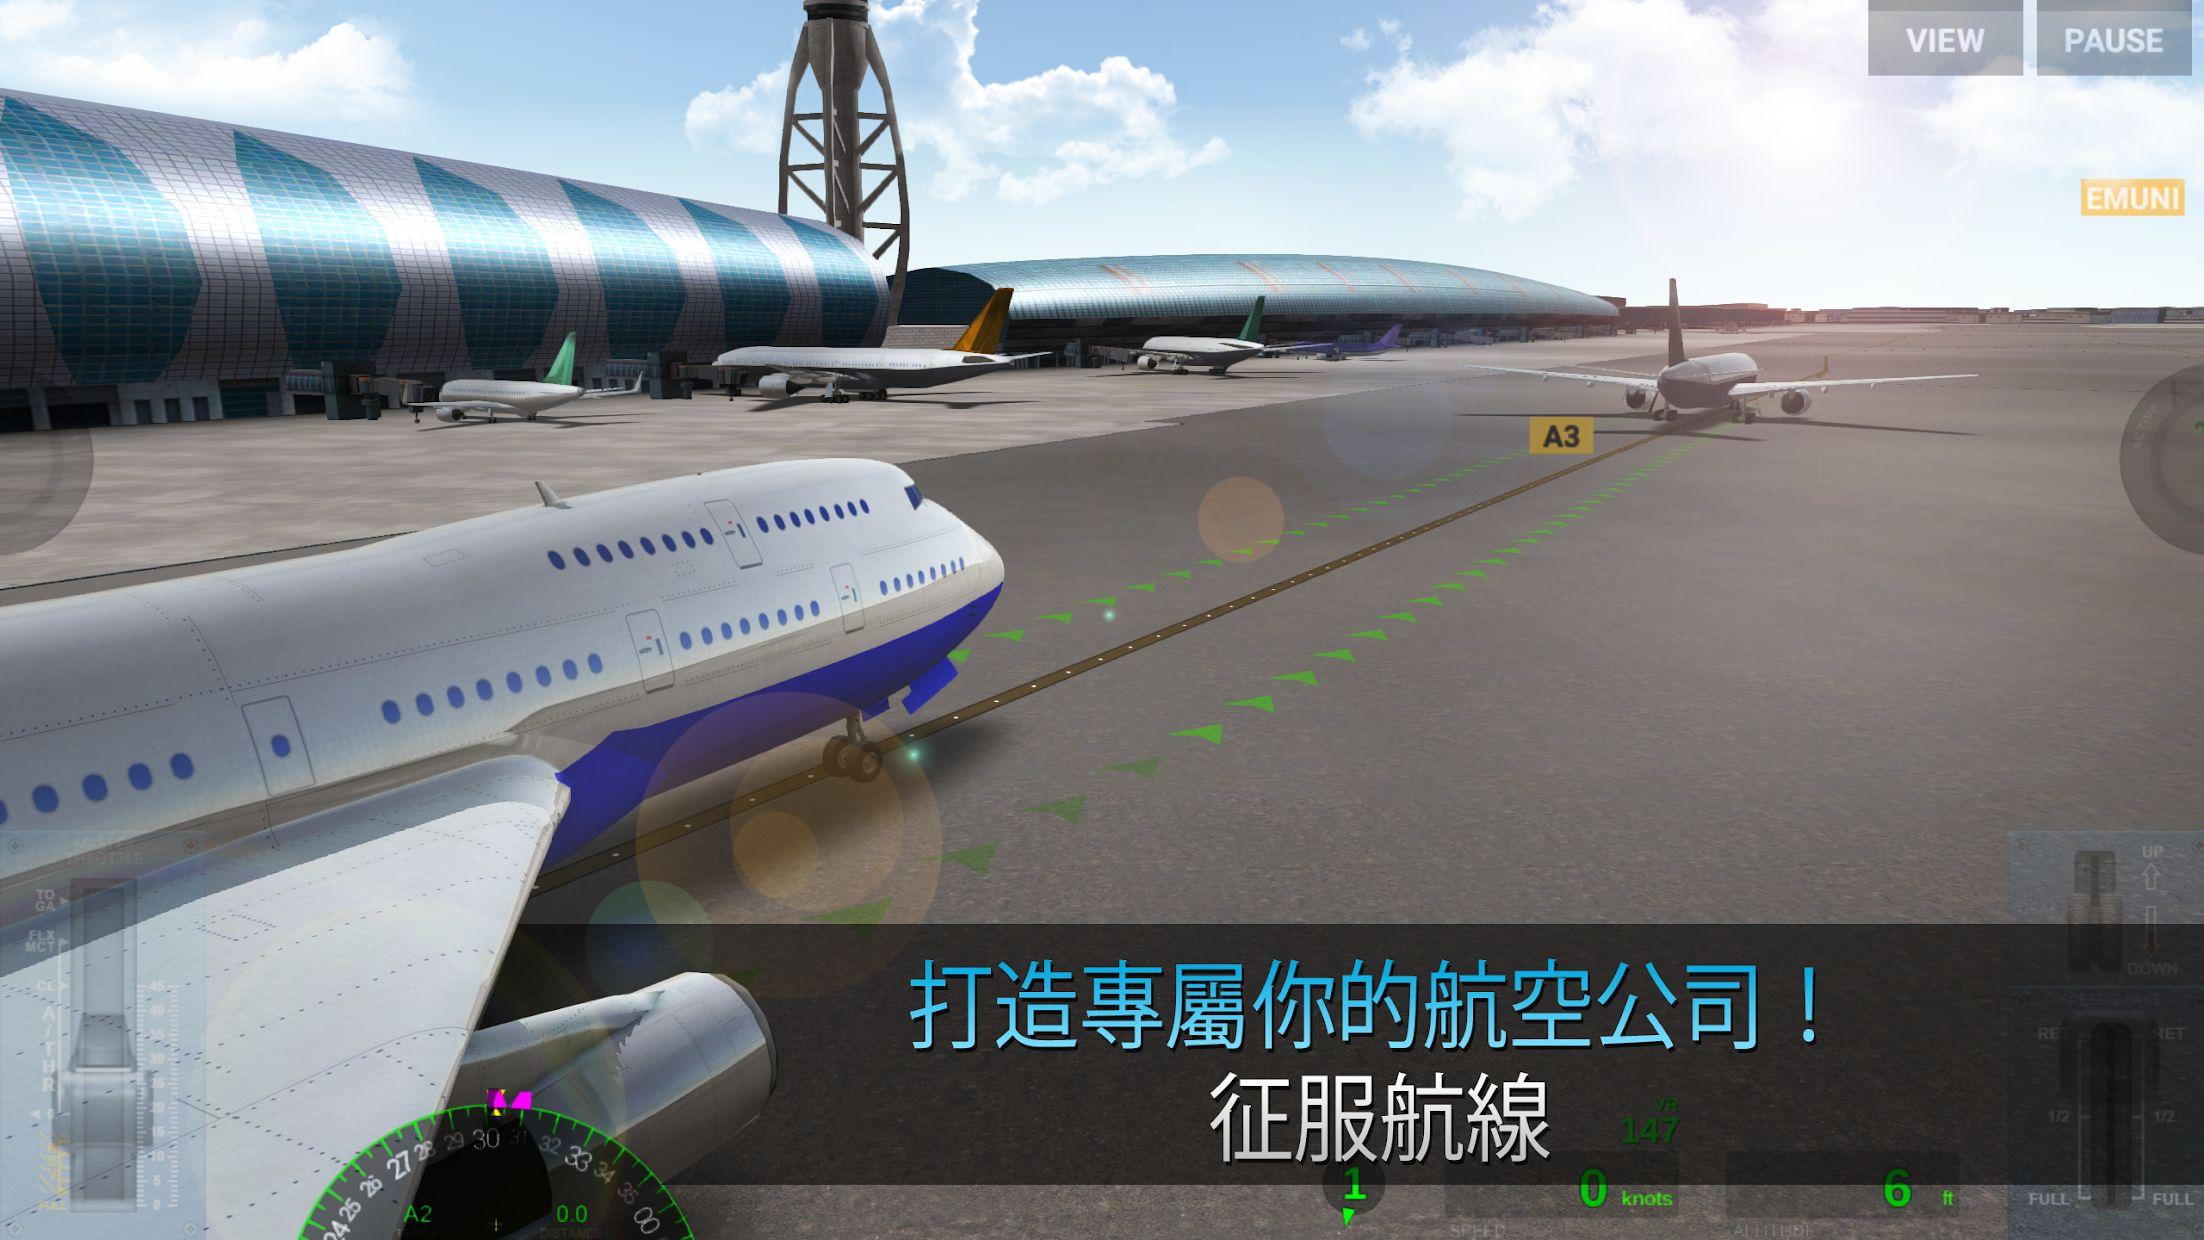 航空管制员(AIRLINE COMMANDER) 游戏截图1